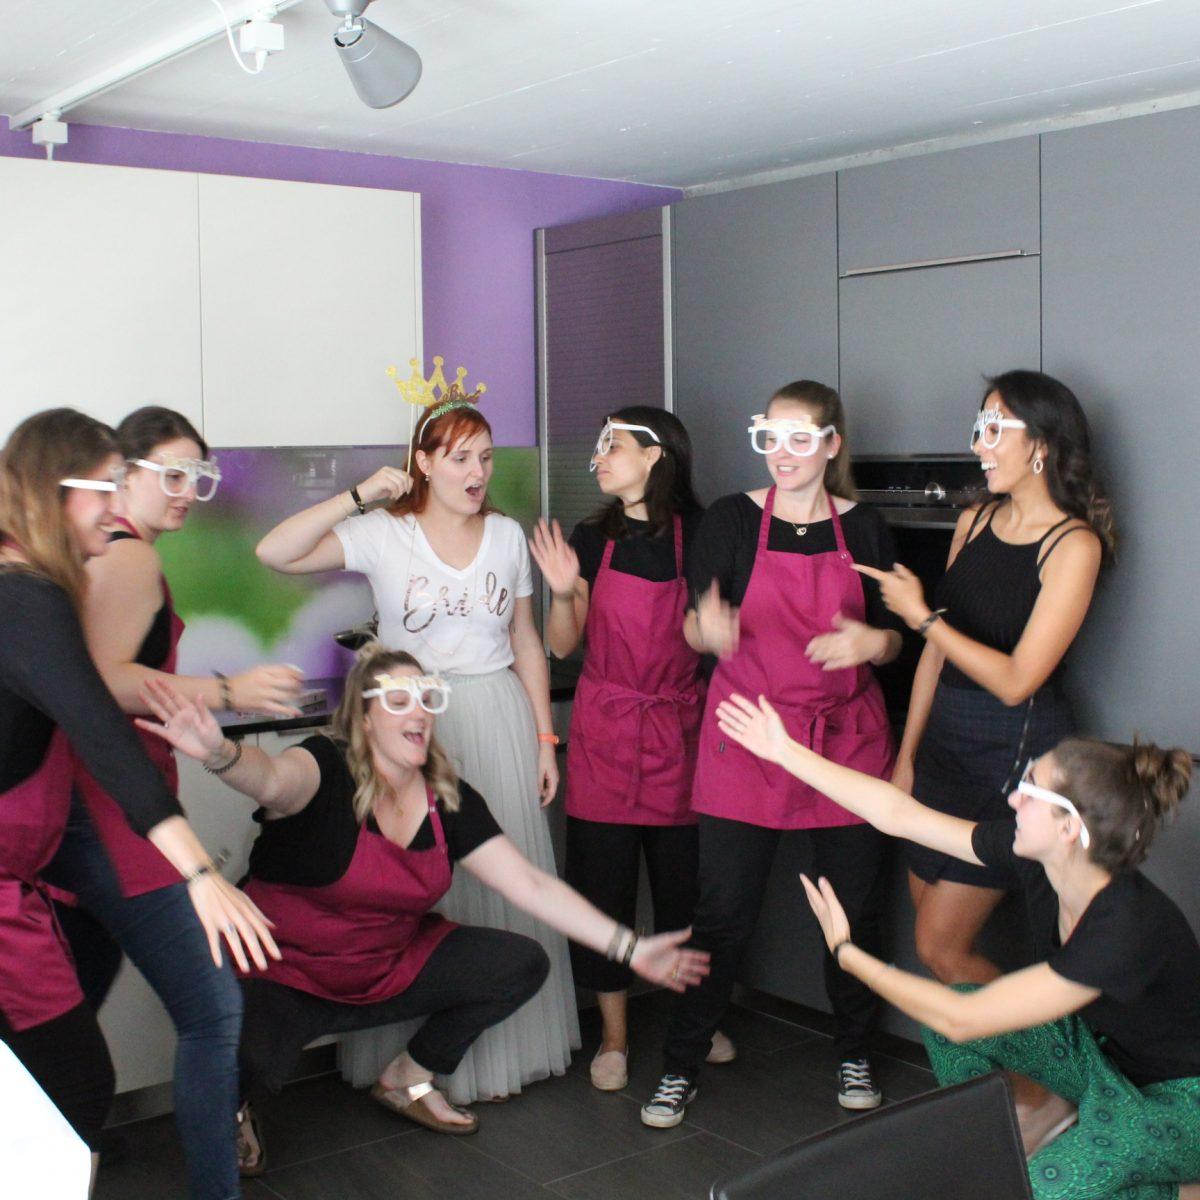 susannes kochschule kochkurse teamevents baselland aargau solothurn basel luzern bern 11